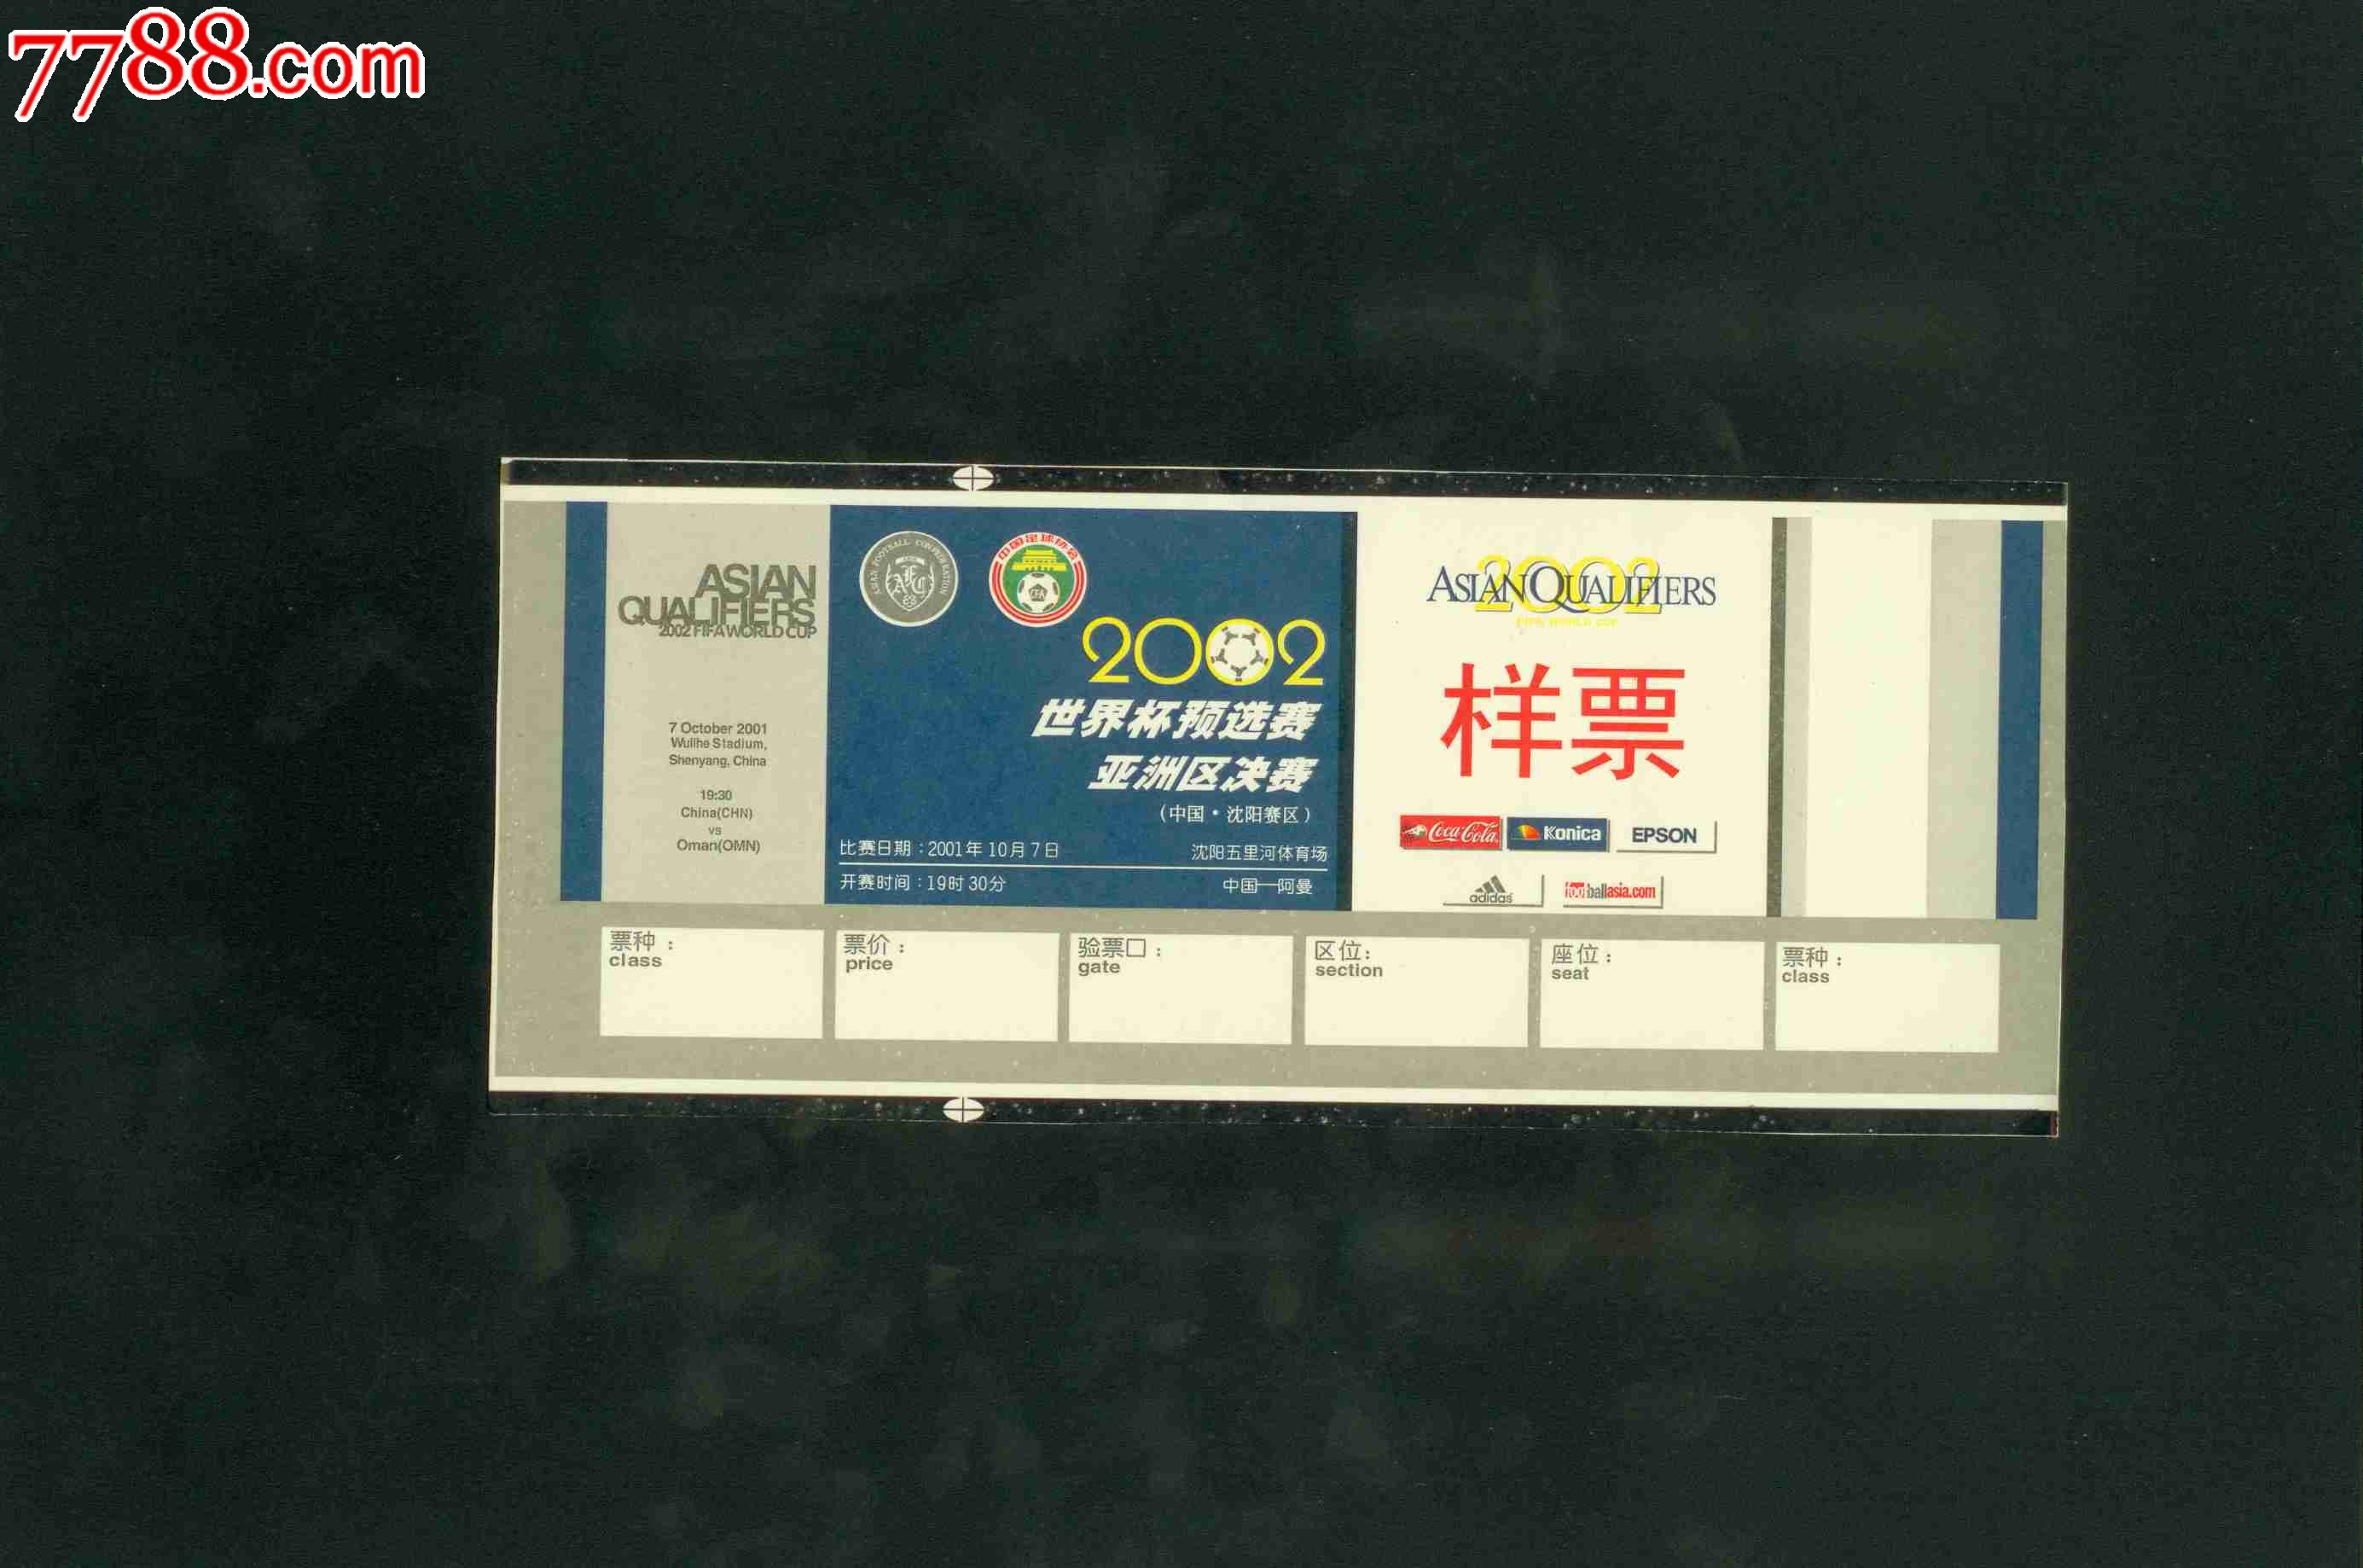 2002世界杯决赛亚洲区决赛_旅游景点门票_知